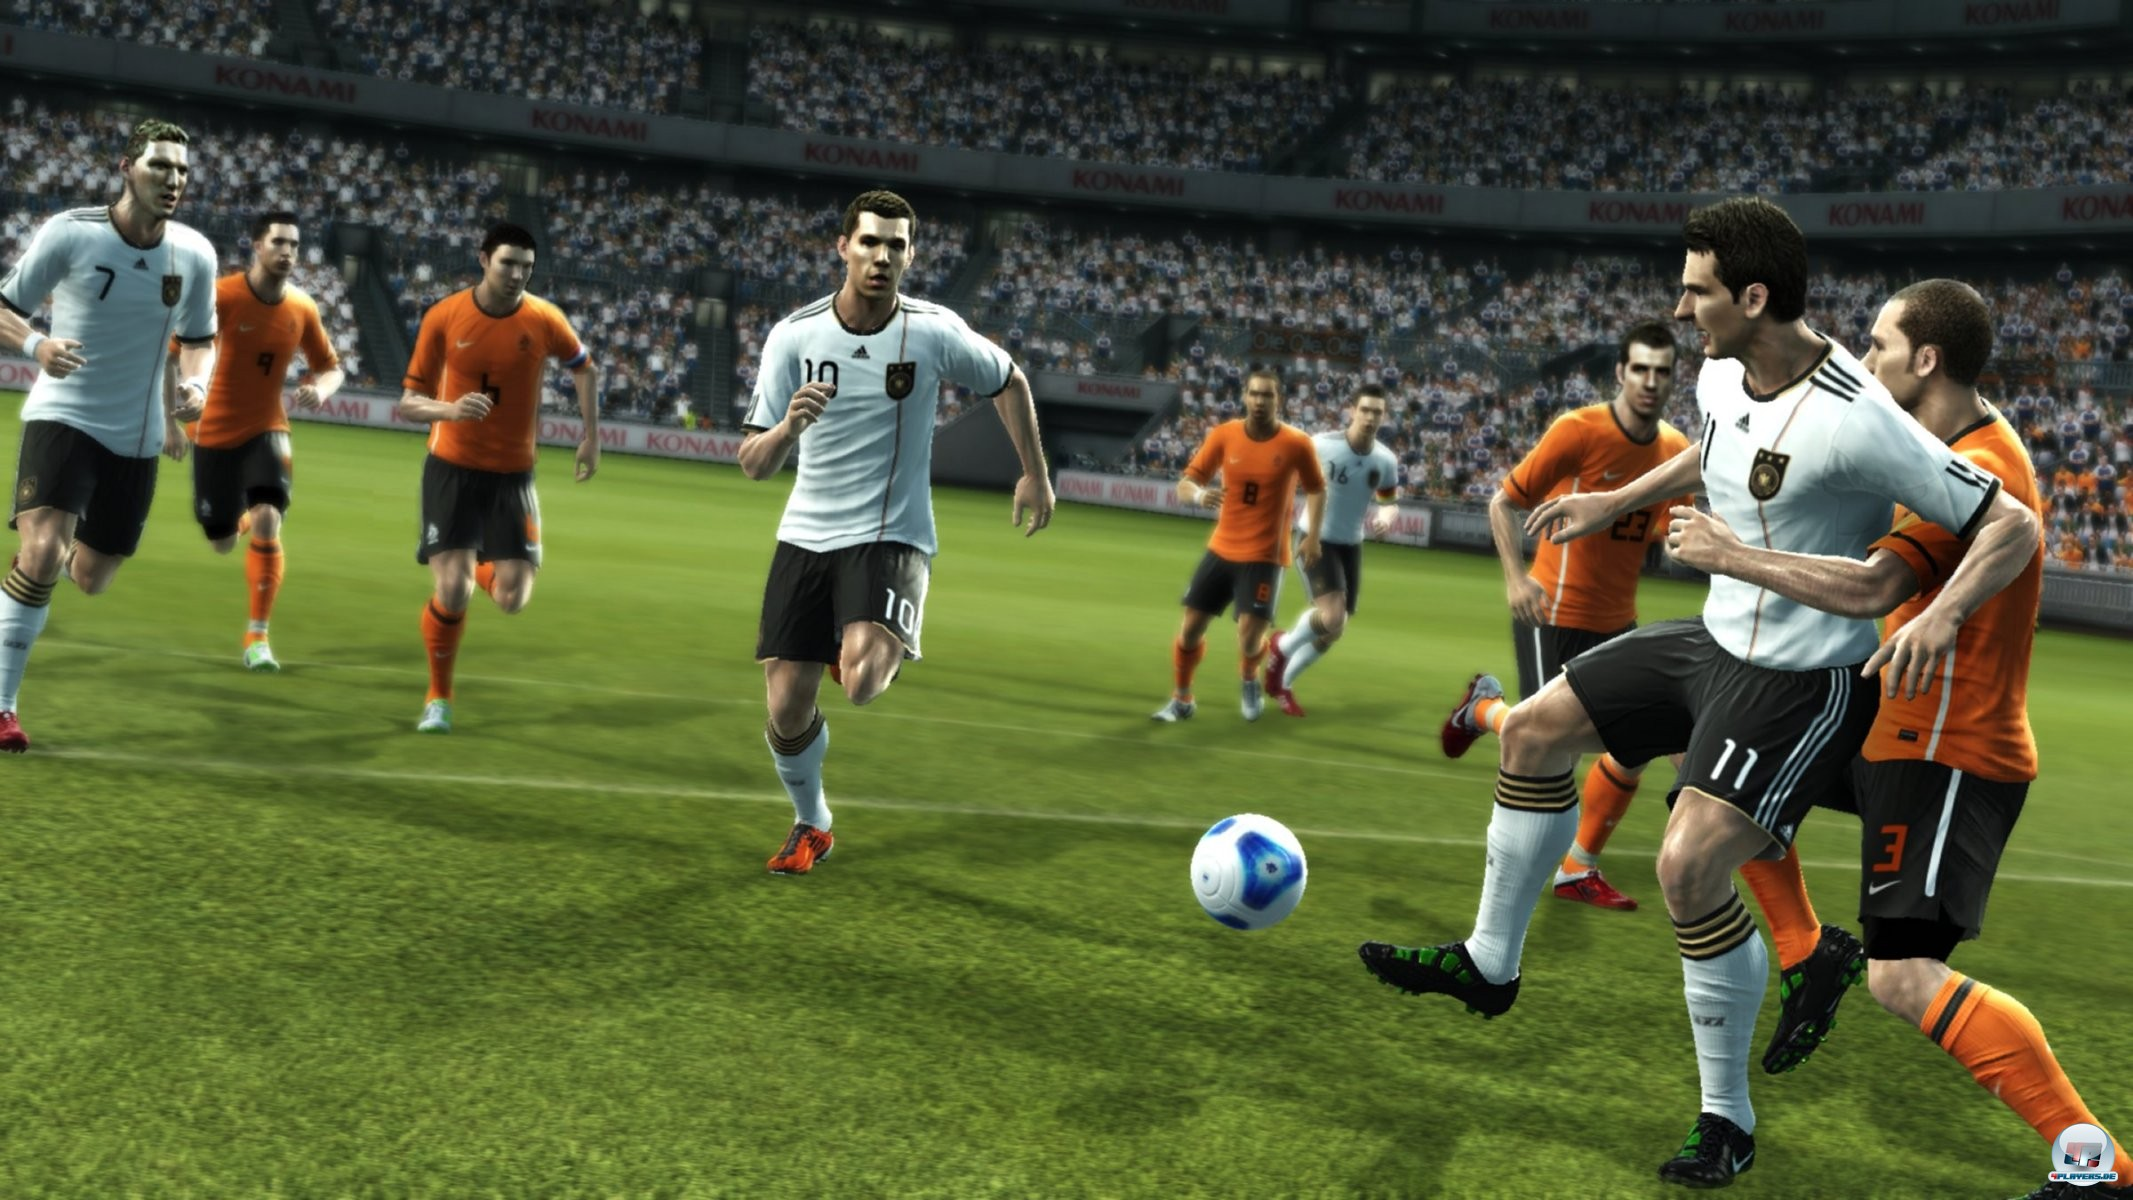 Die Spiele in PES 2012 versprechen dank der überarbeiteten KI sowie verbesserten Kollisionen viel Dynamik.